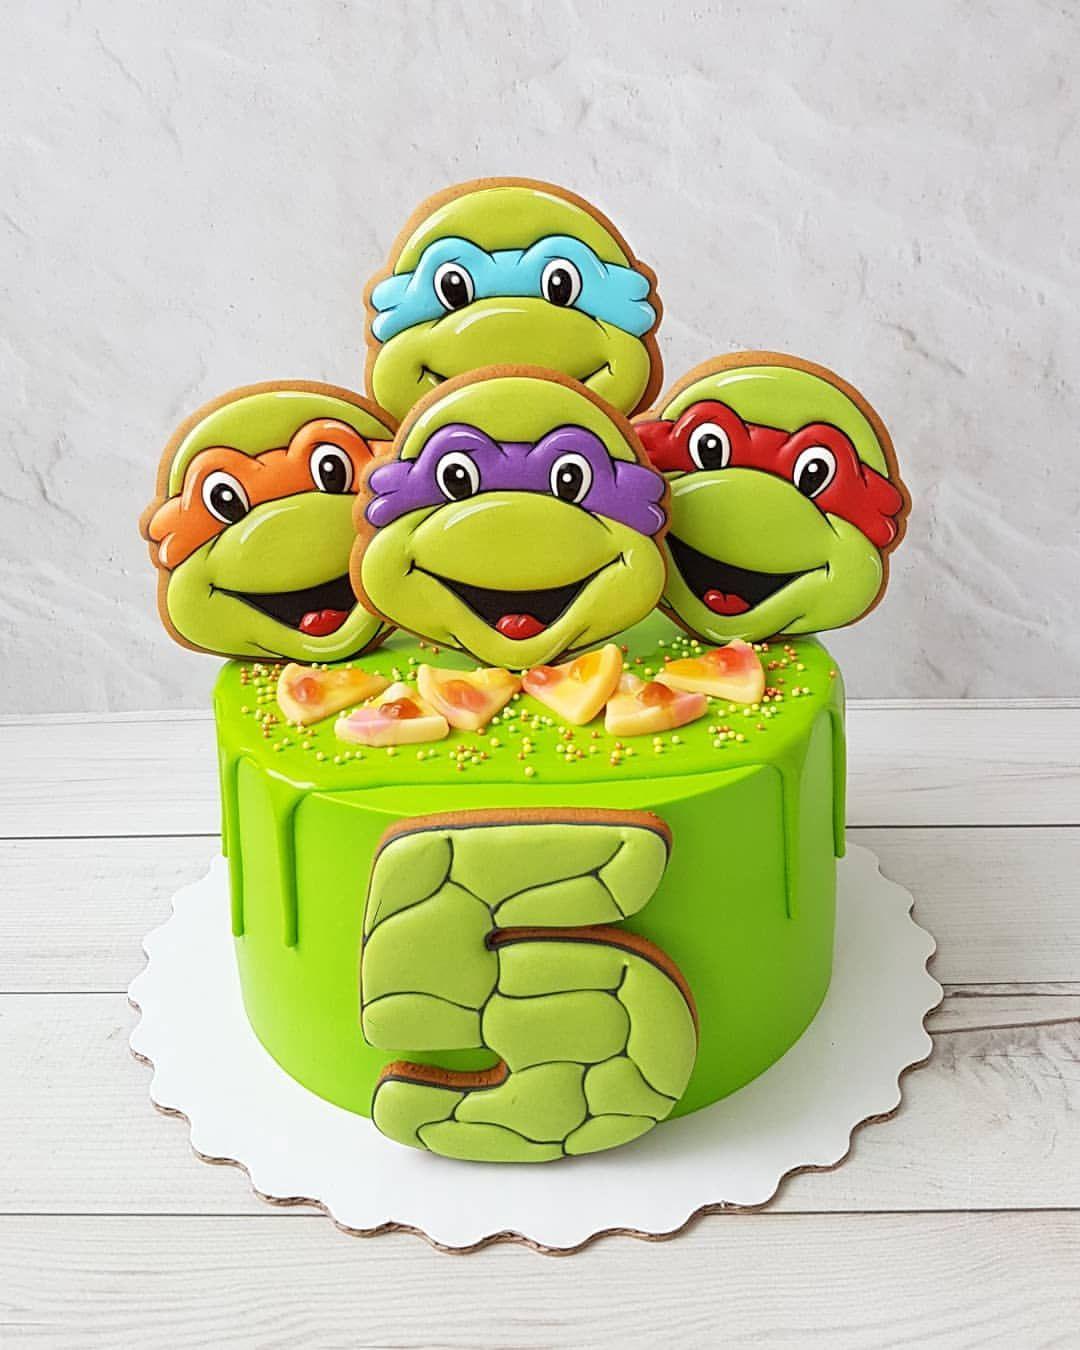 хотелось показать, картинки тортов с ниндзя черепашками фото блок-хаус блокхаус